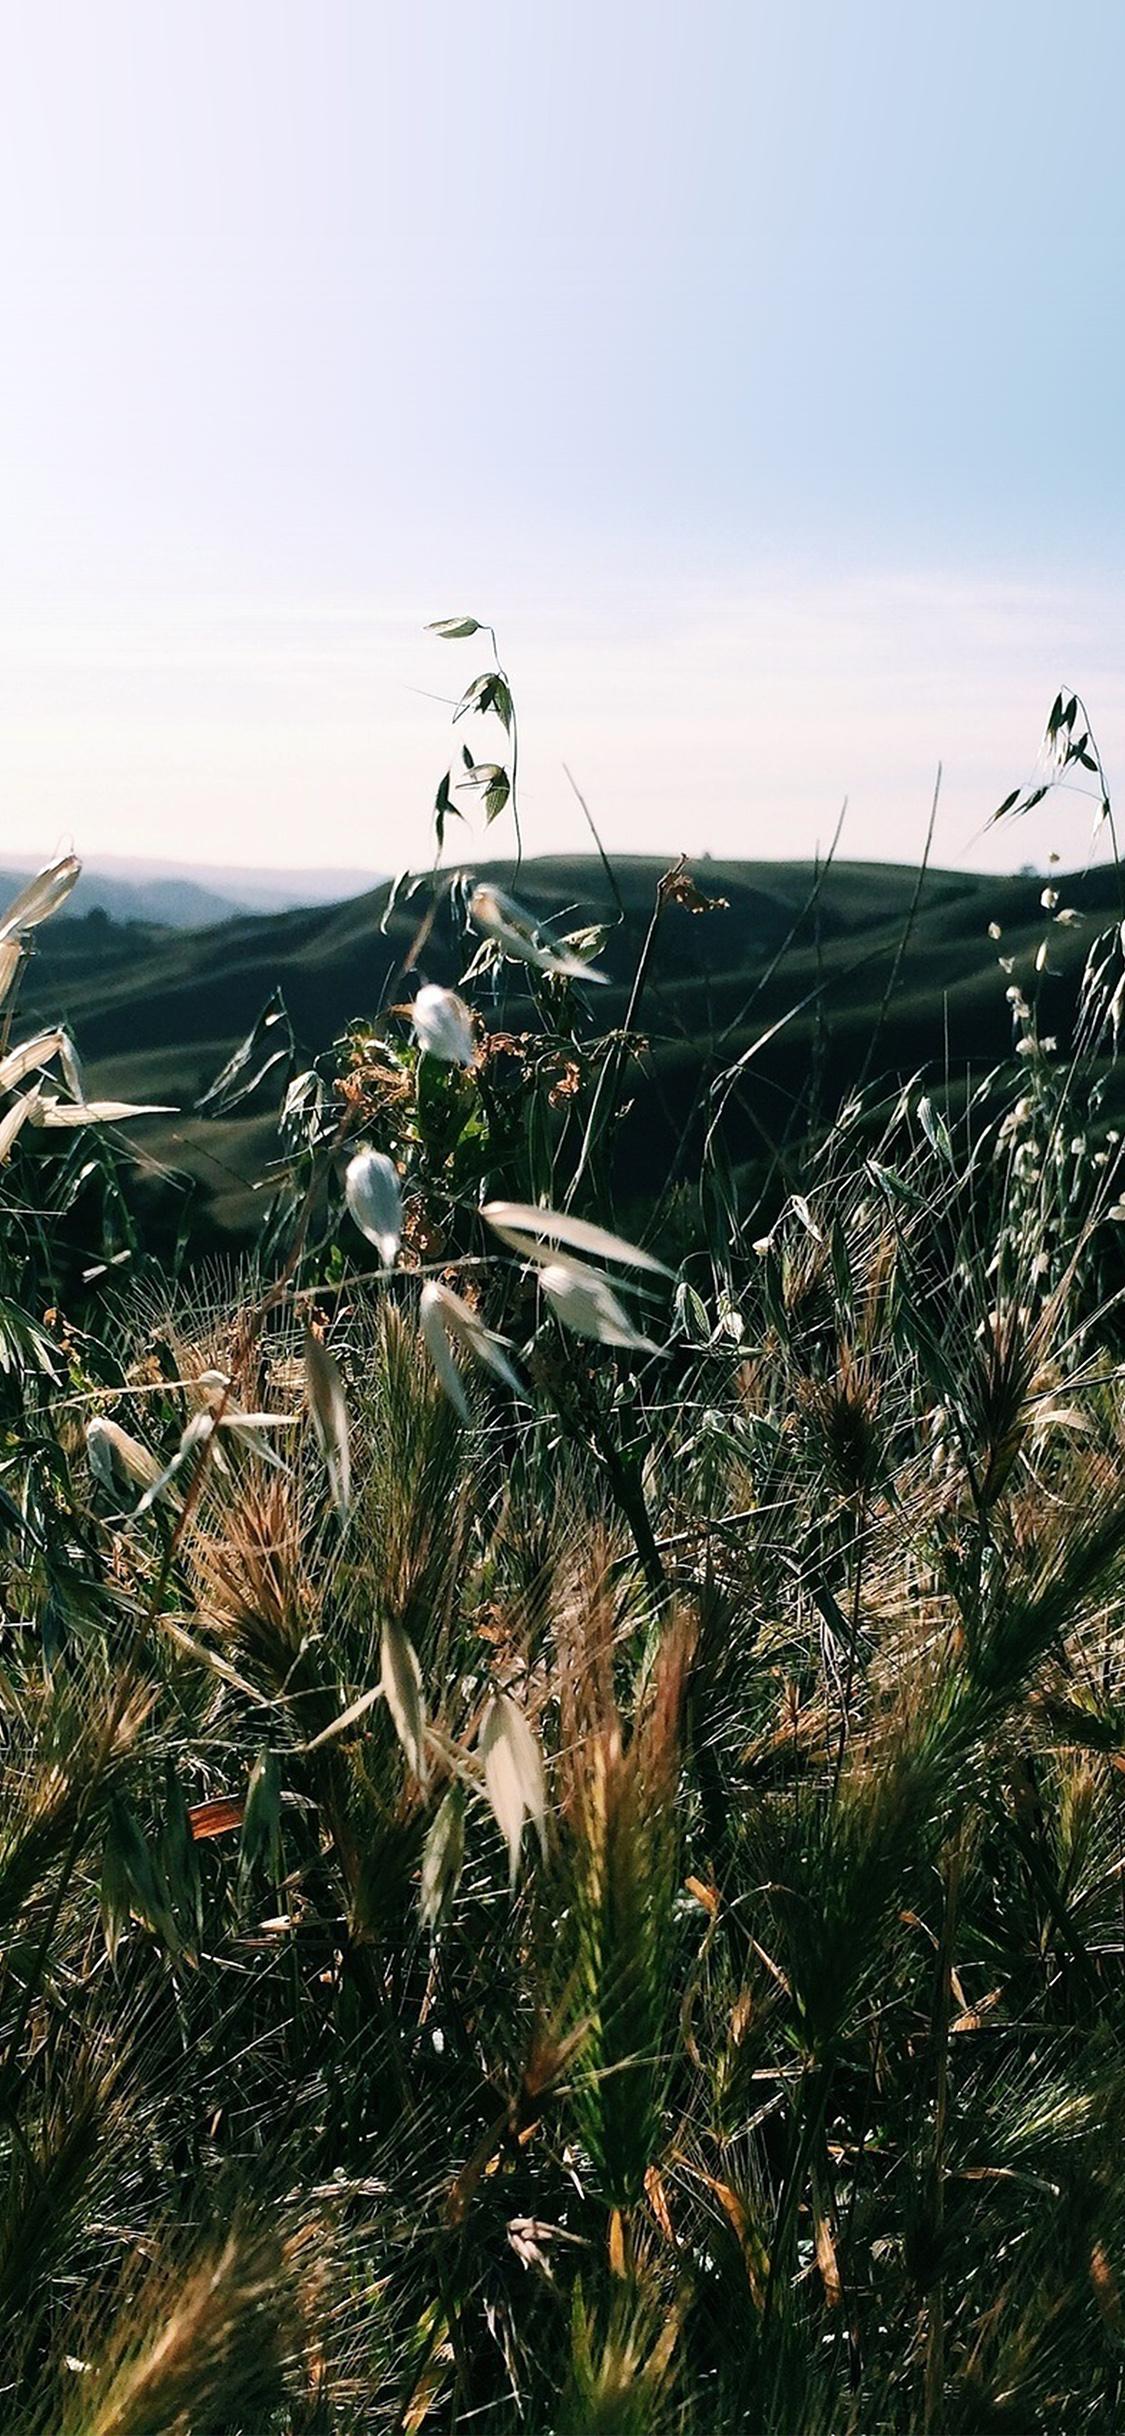 Com Apple Iphone Wallpaper My79 Sunny Summer Day Green - Dark Summer Grass - HD Wallpaper